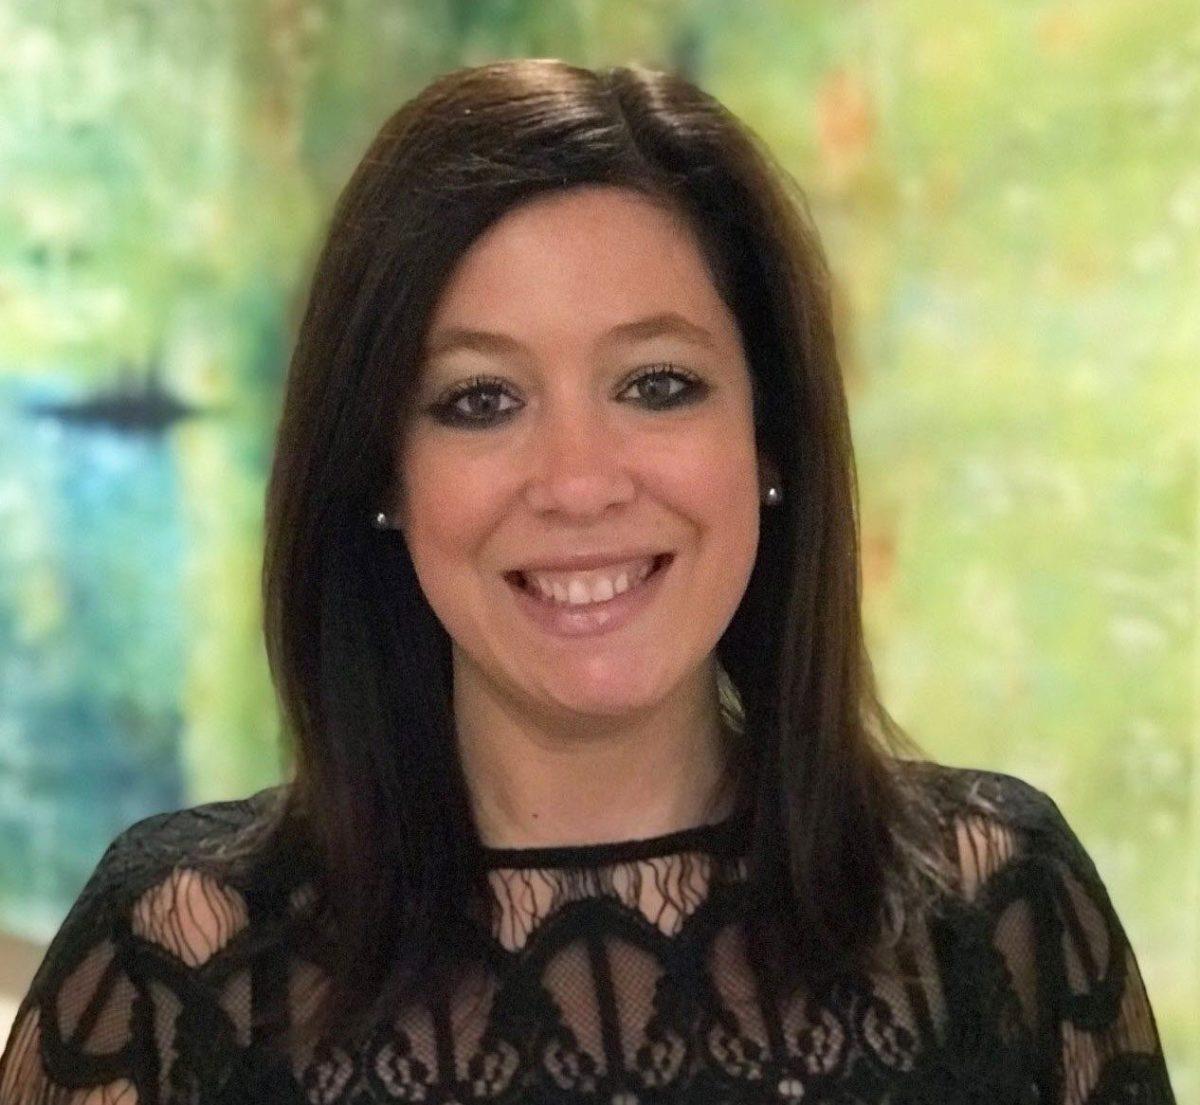 Kristina James